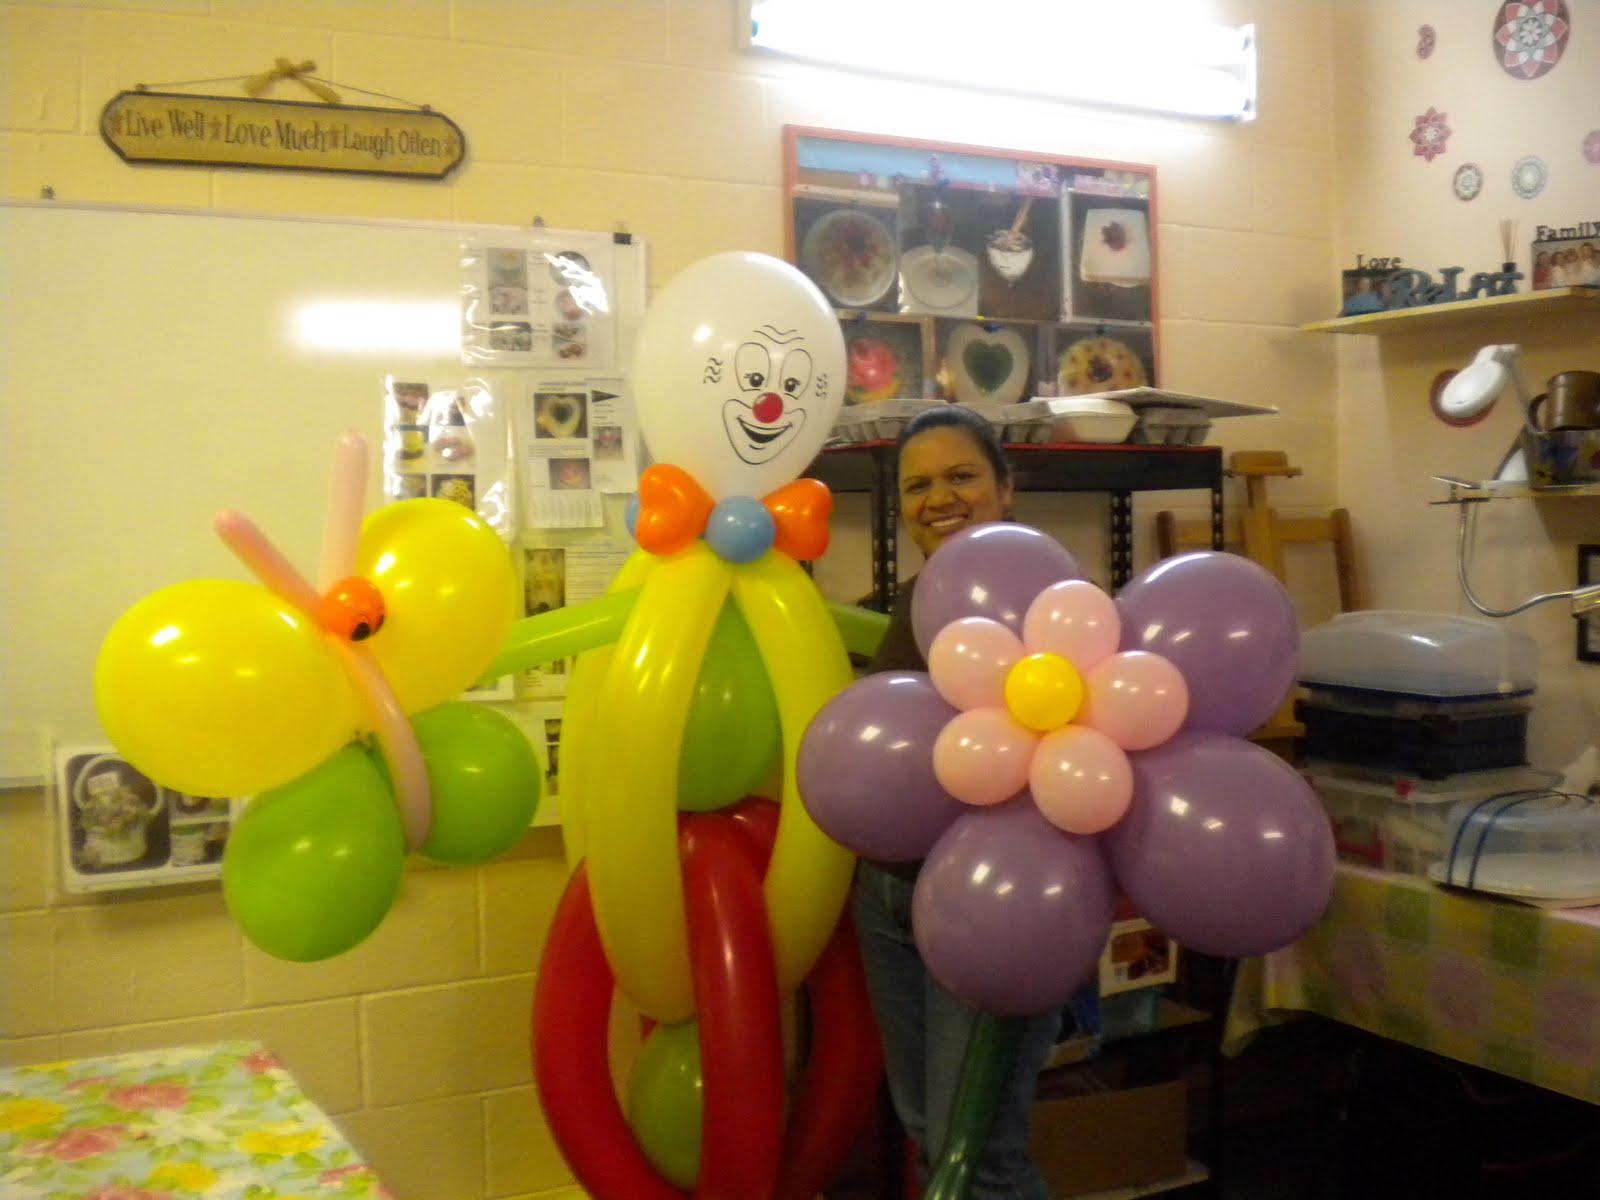 Decorar cumplea os con globos for Decoracion en bombas para cumpleanos